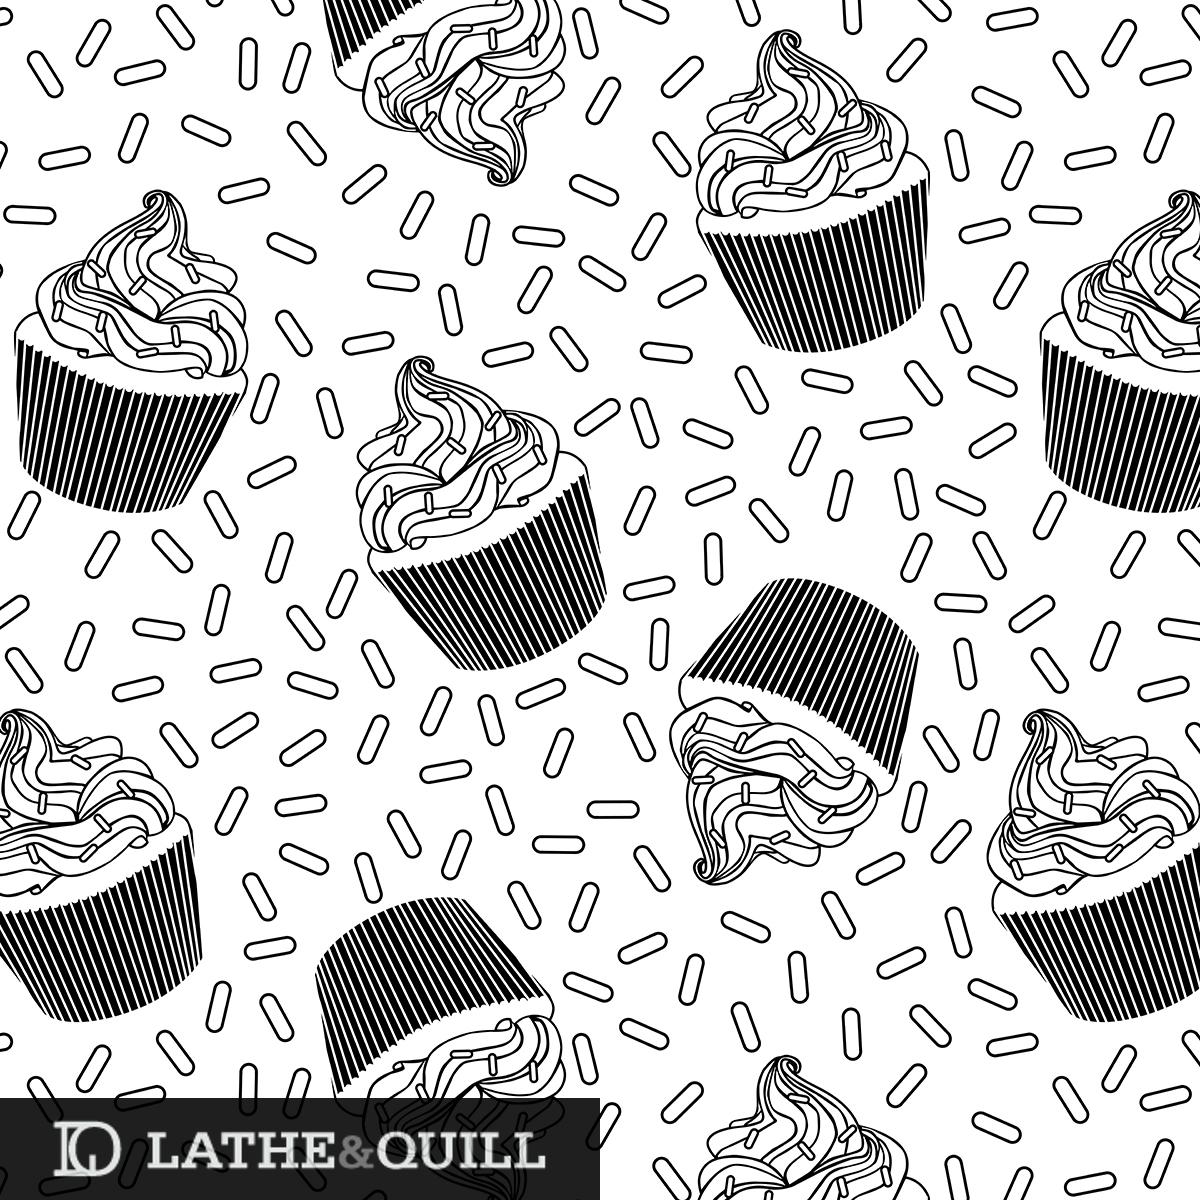 cupcake-cb-2x2.jpg